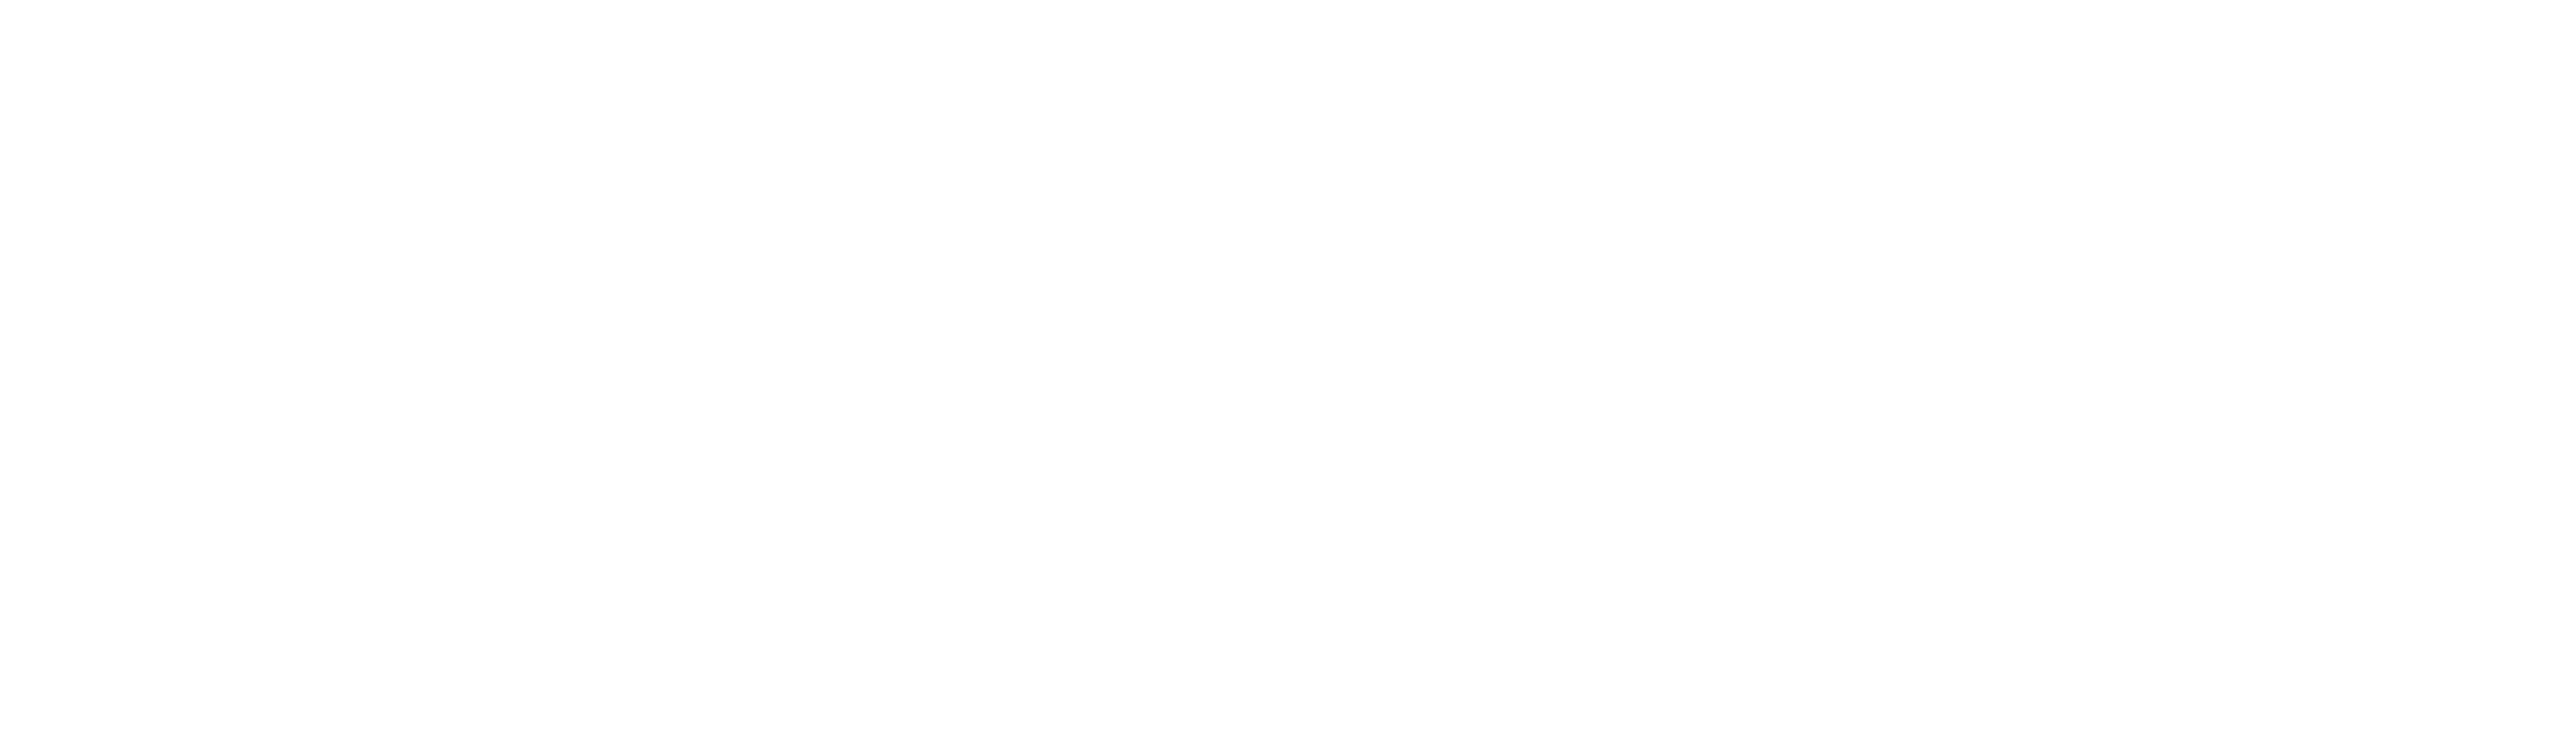 fwBero